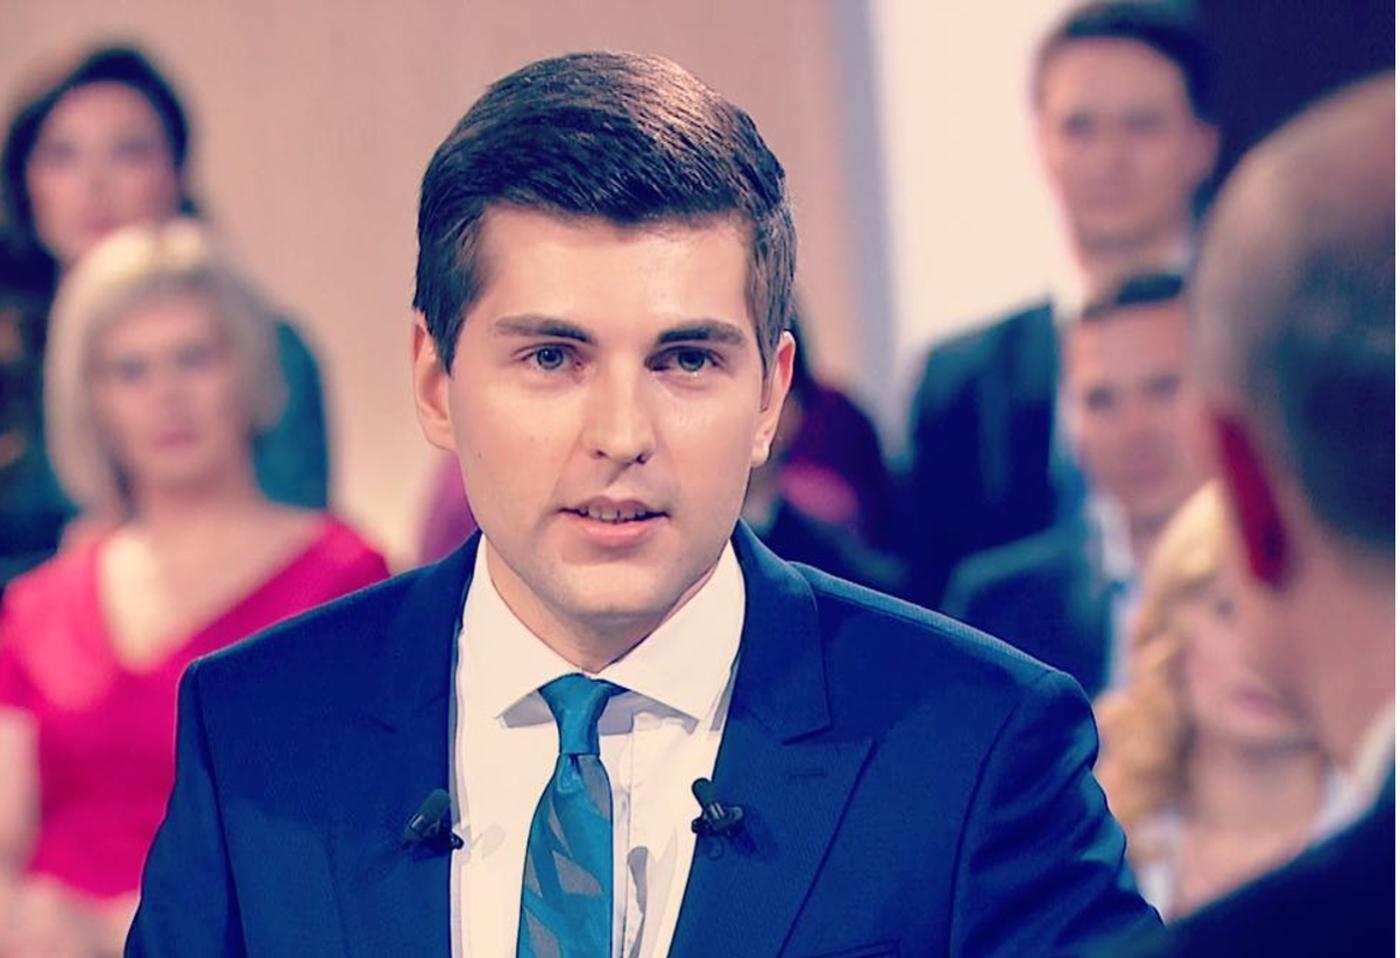 Поклонники строго раскритиковали Дмитрия Борисова зароль нового ведущего «Пусть говорят»